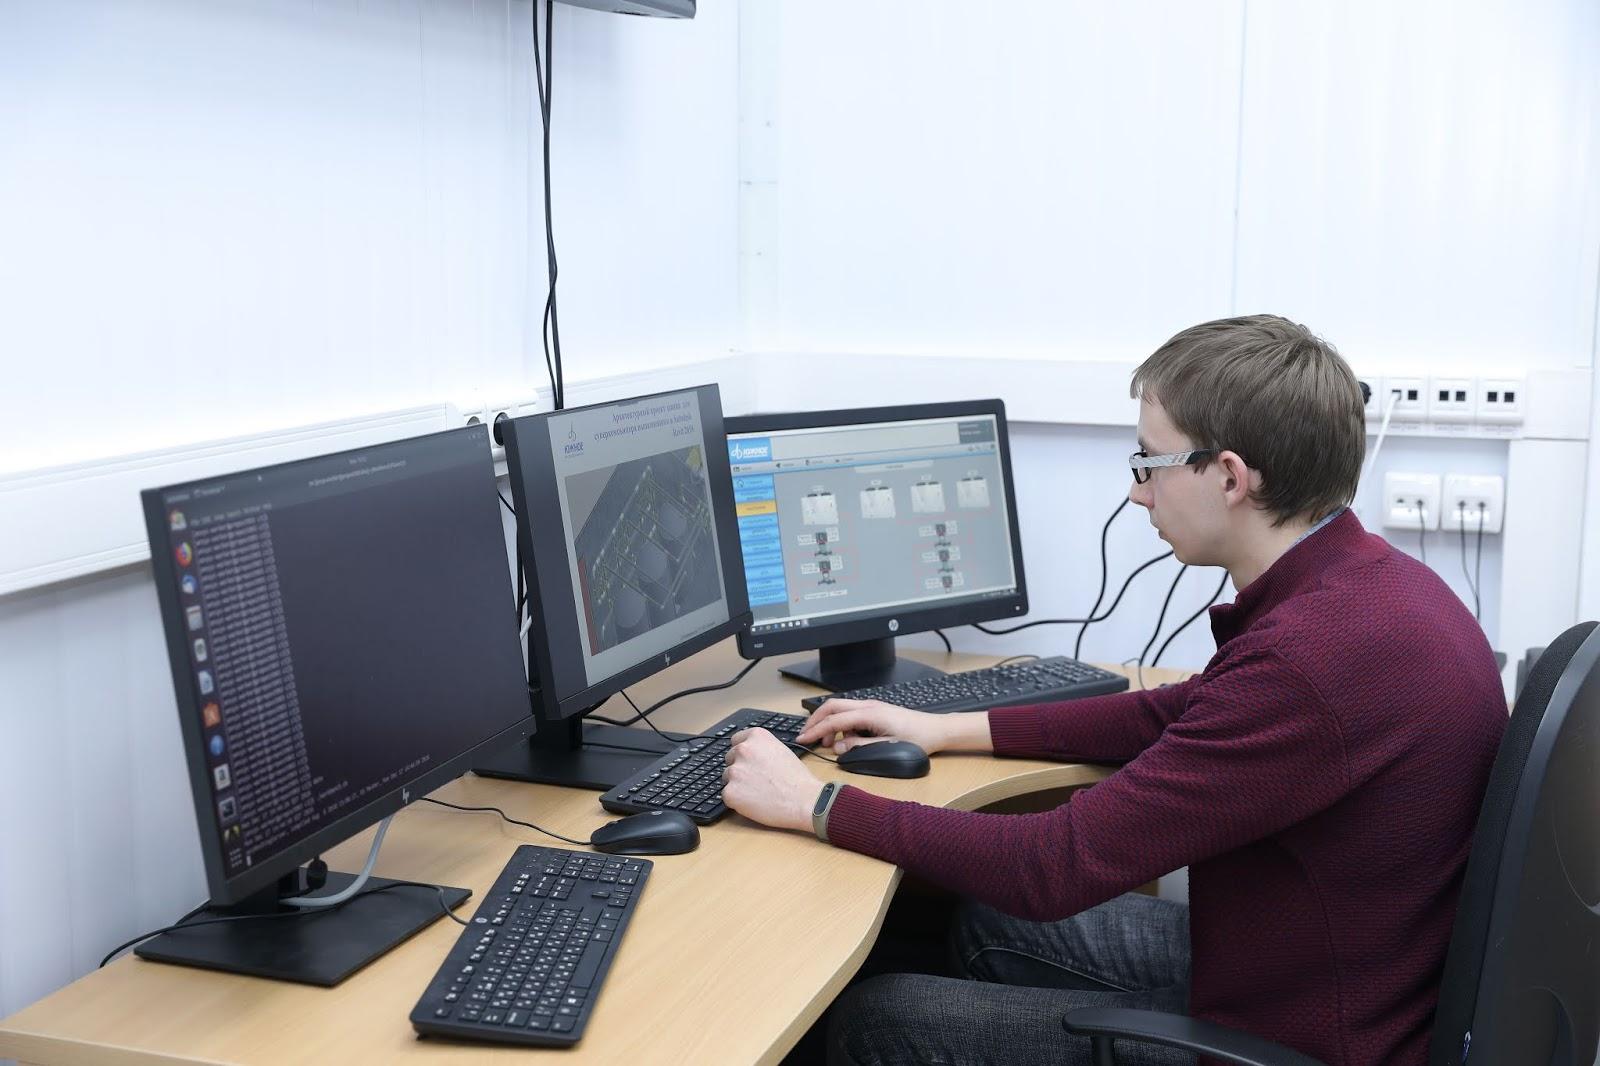 Кб «Південне» відкрило новий обчислювальний центр